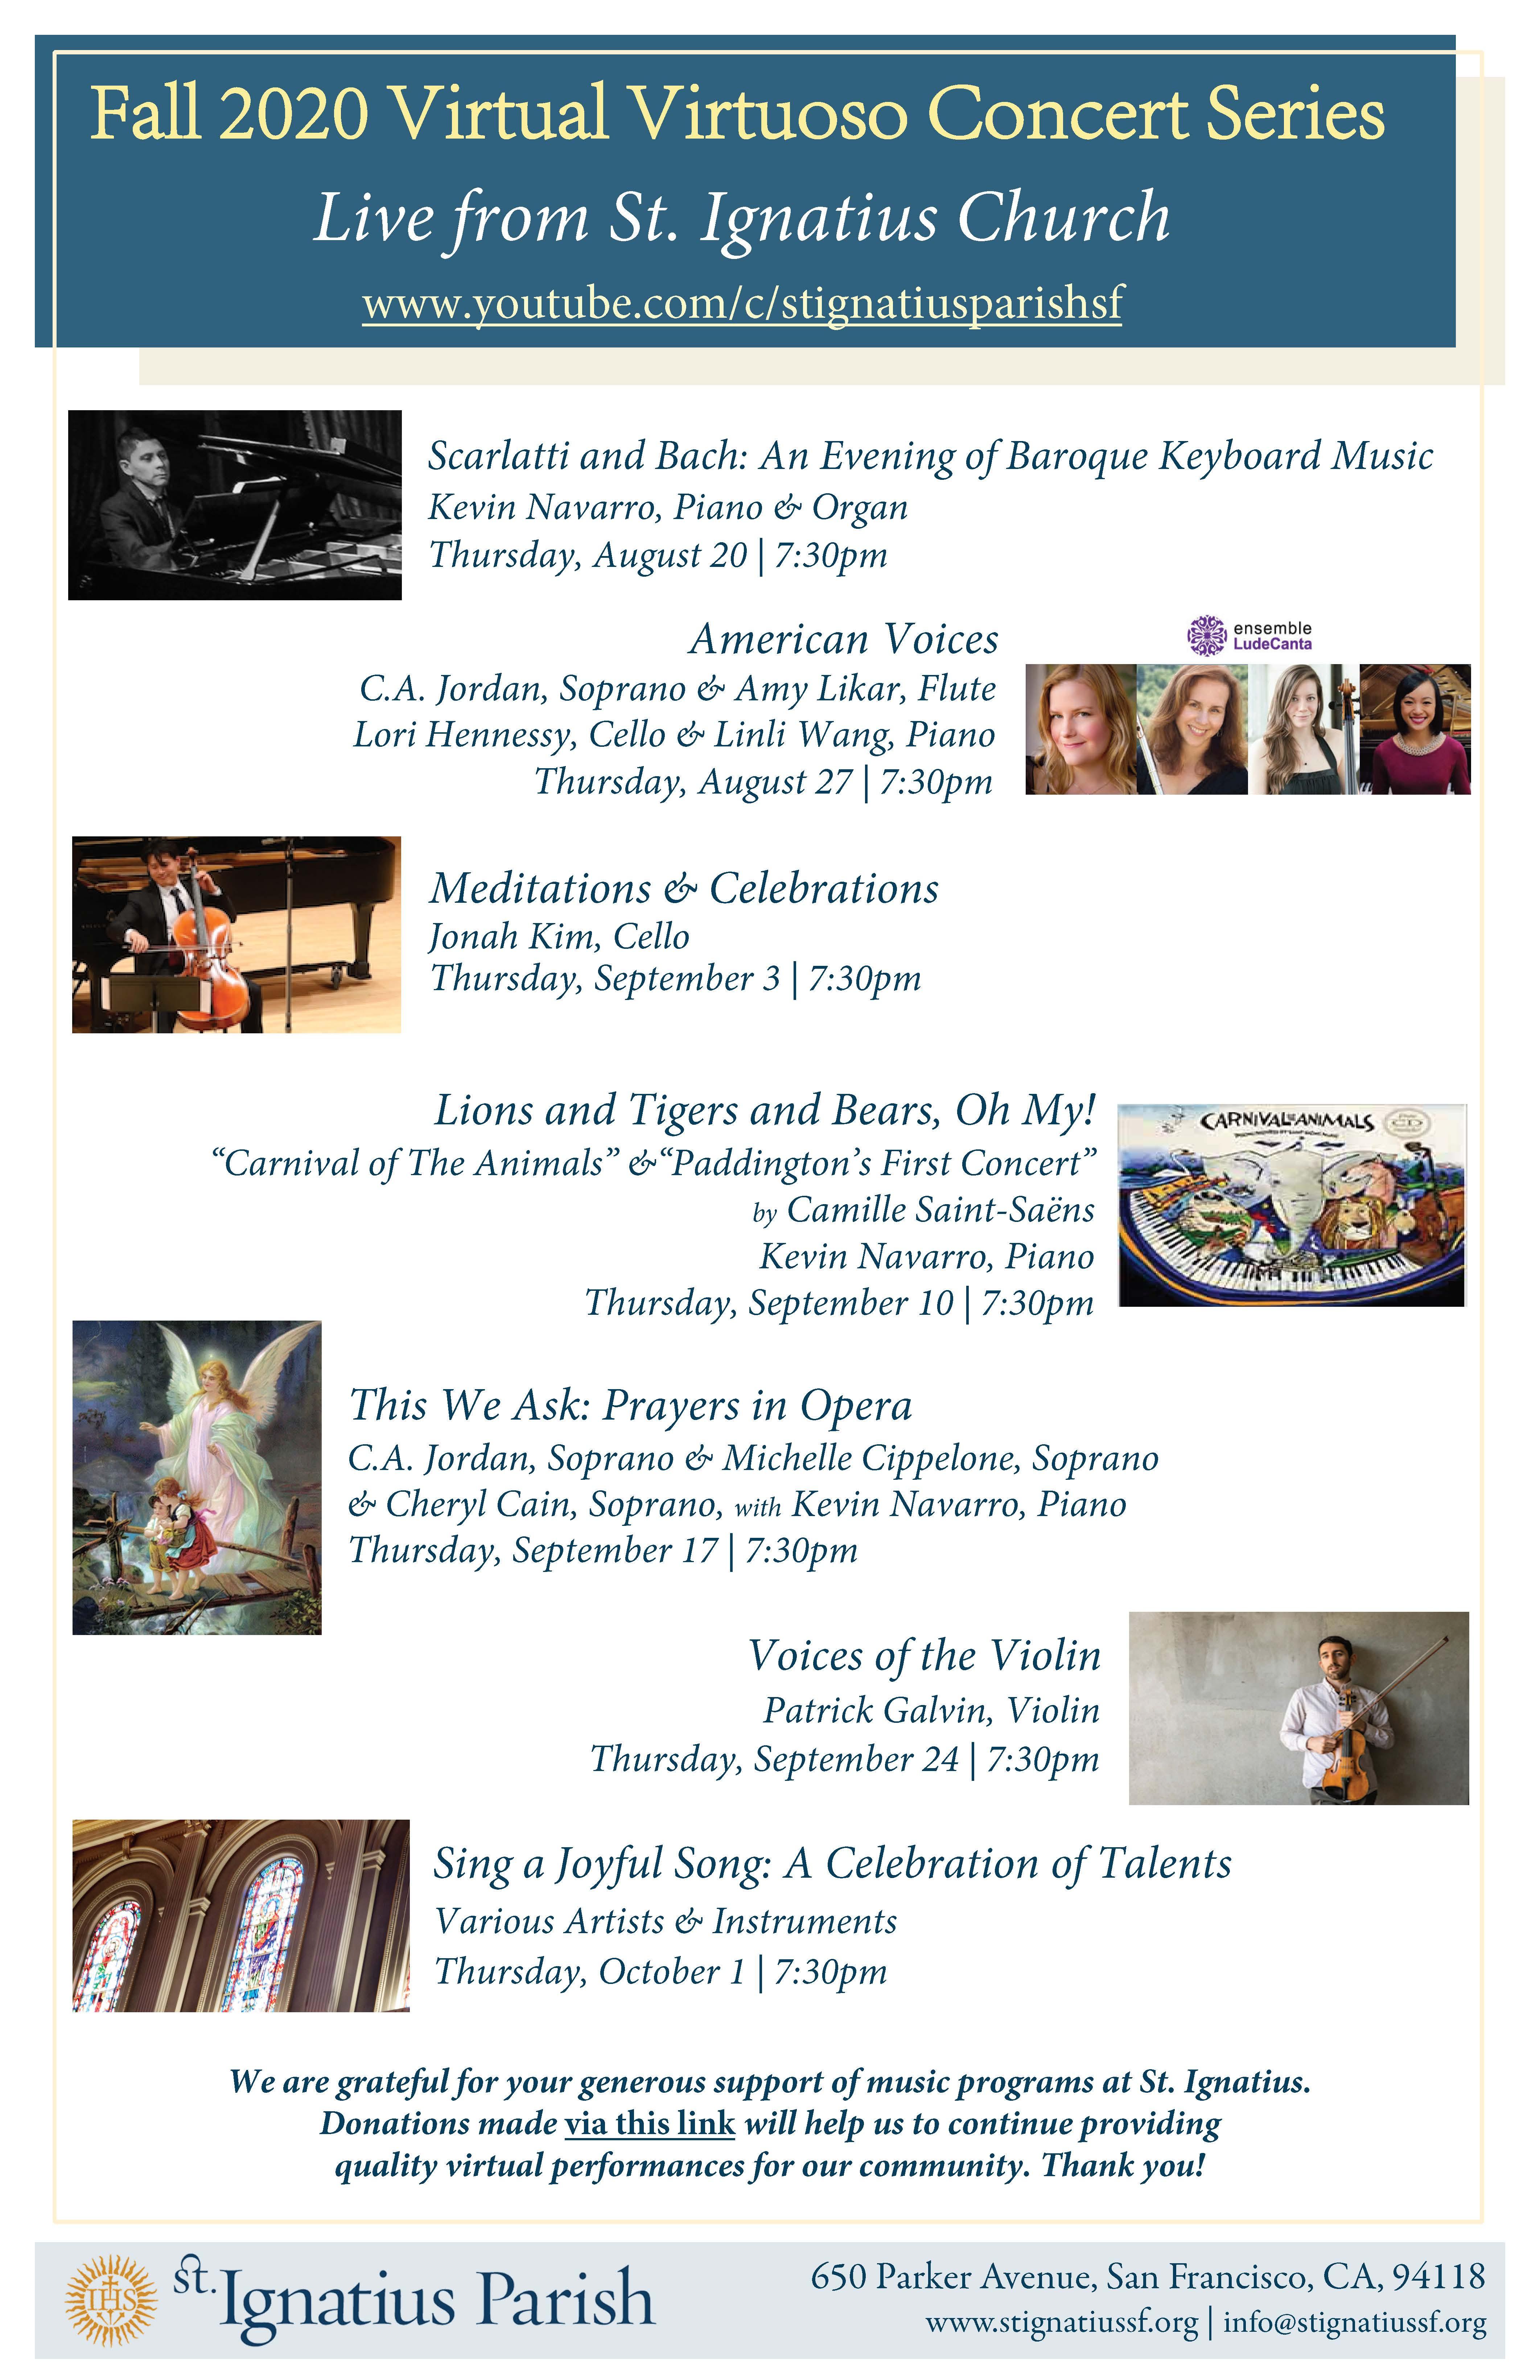 St Ignatious Church Sf Christmas Schedule 2020 Fall 2020 Virtual Virtuoso Concert Series   St. Ignatius